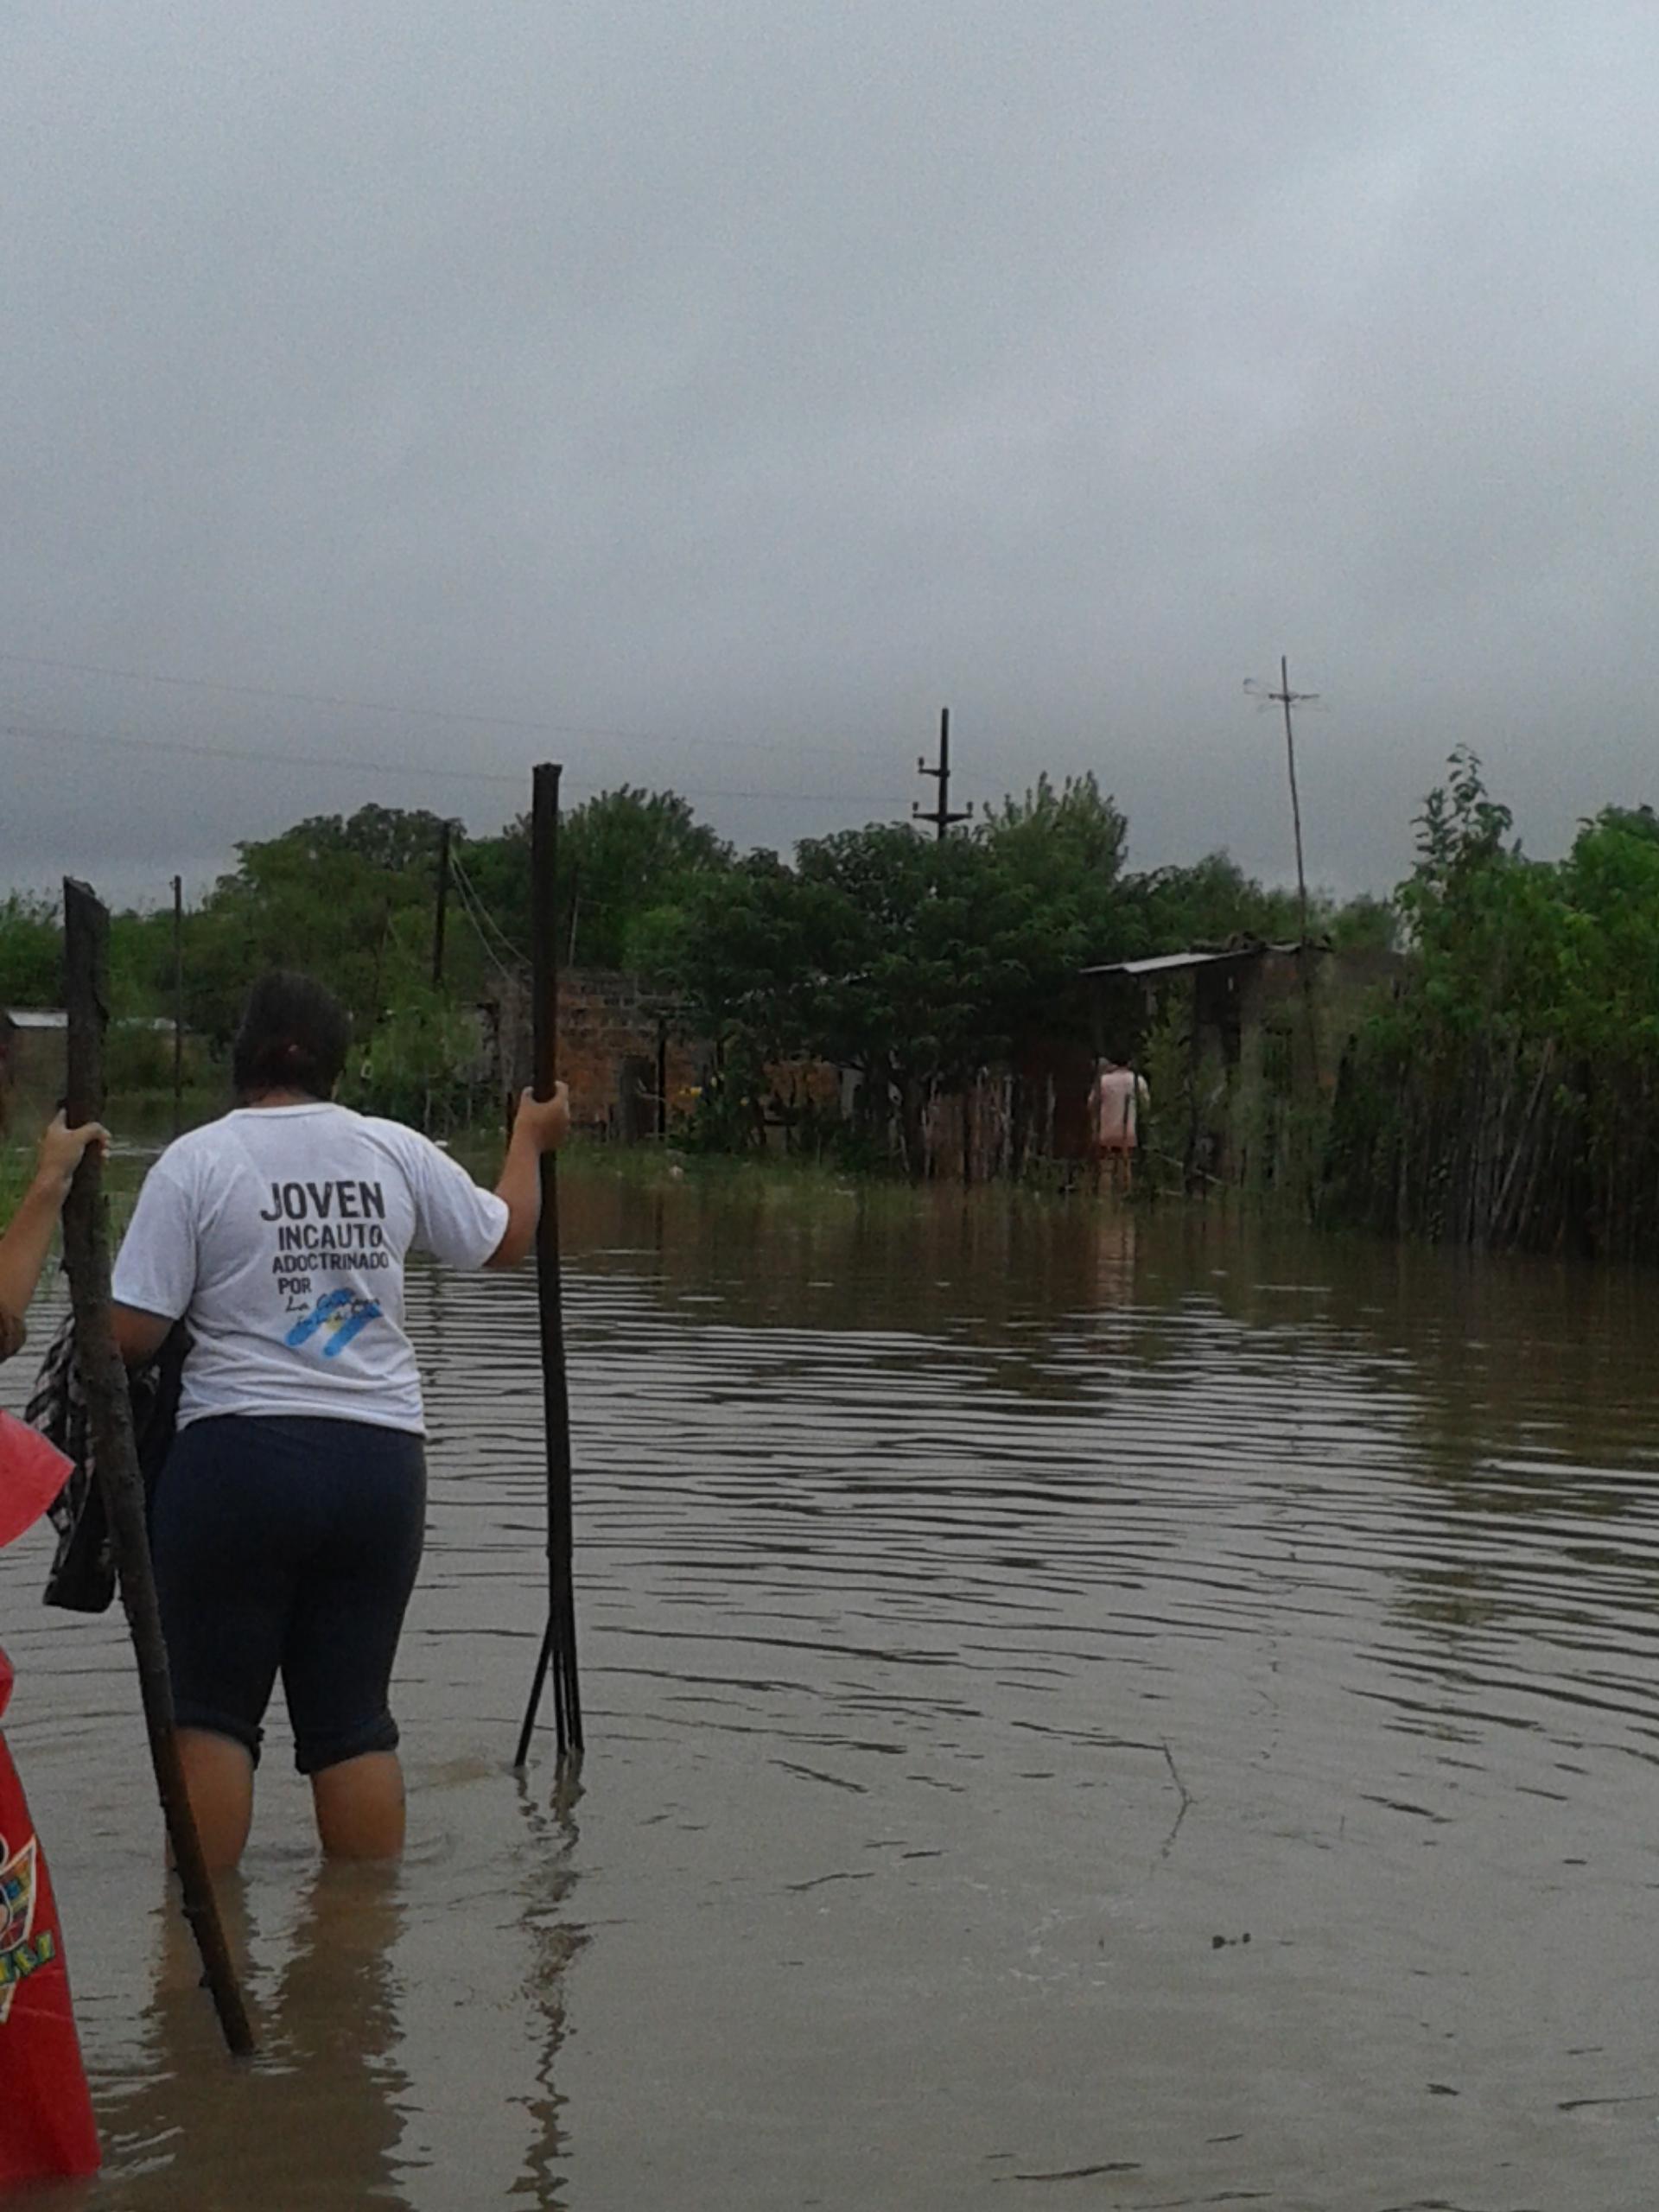 corrientes-sanlu-isdelpalmar-inundaciones-20marzo2014